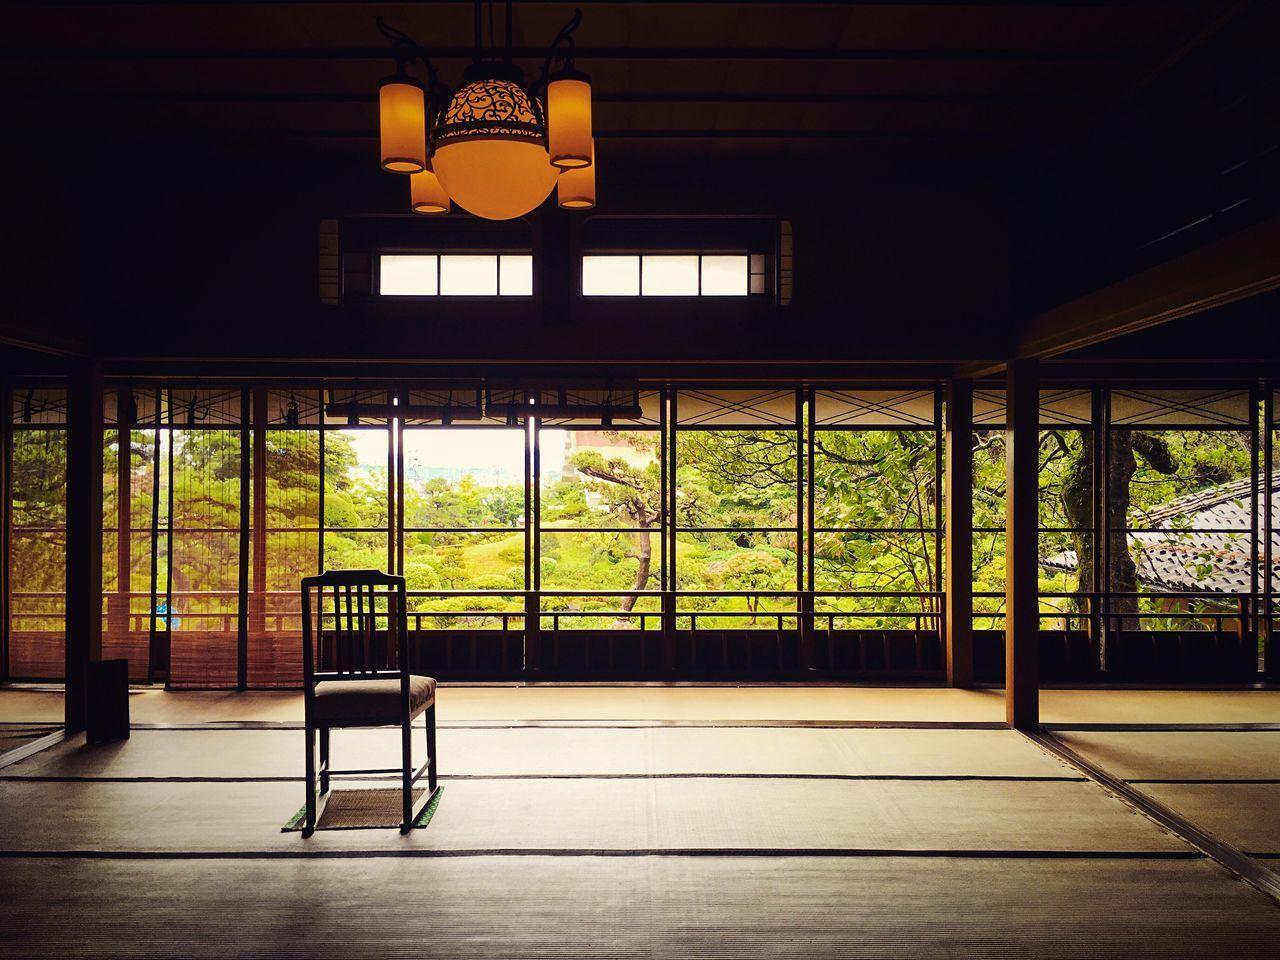 本間美術館 本間氏別邸庭園 清遠閣 酒田 山形県 Relaxing